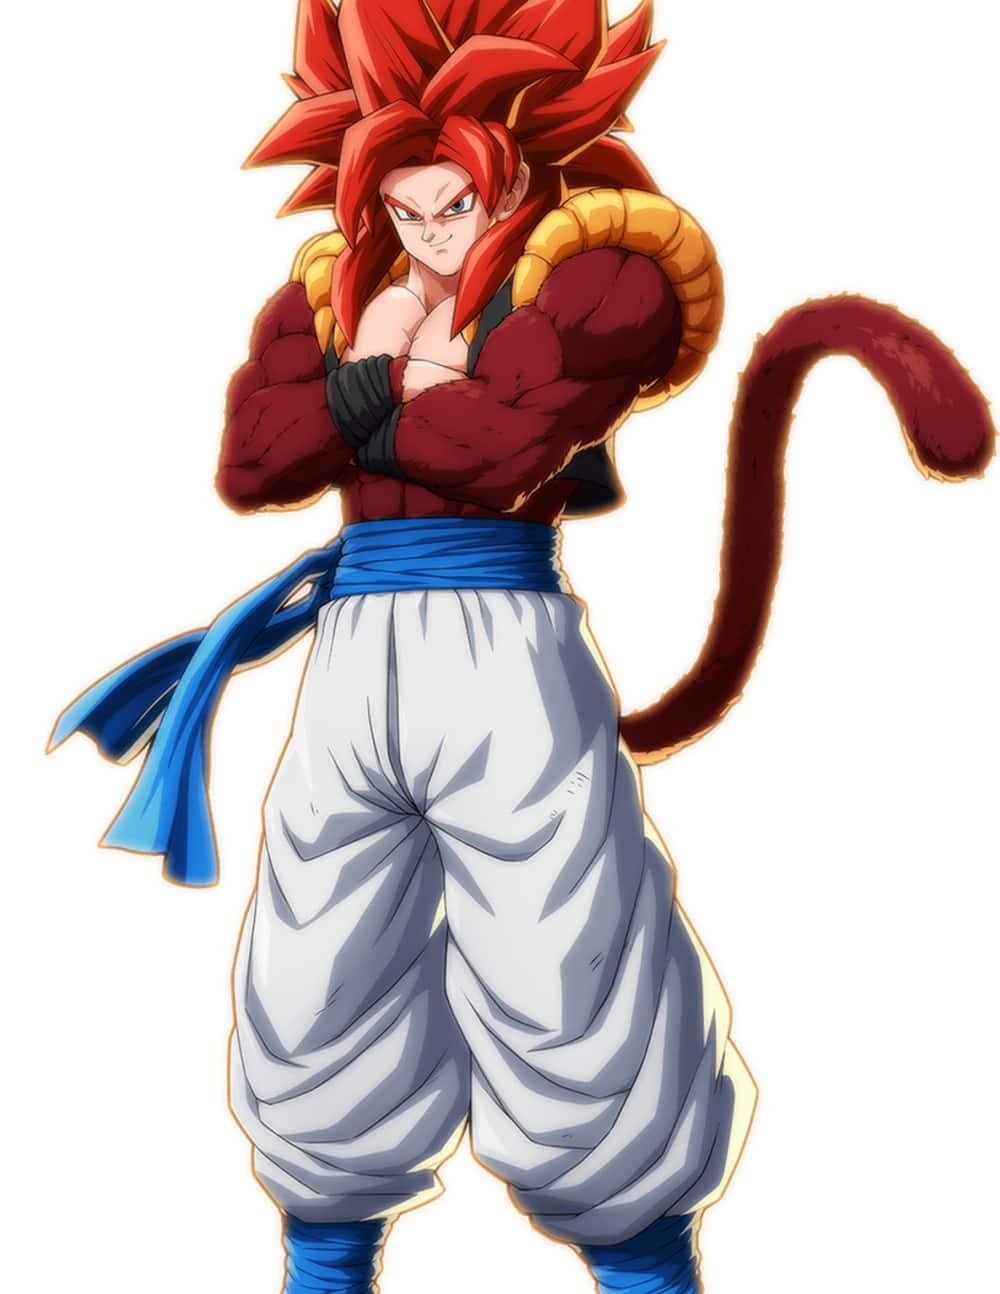 When does Goku go Super Saiyan? All Z's Super Saiyan moments